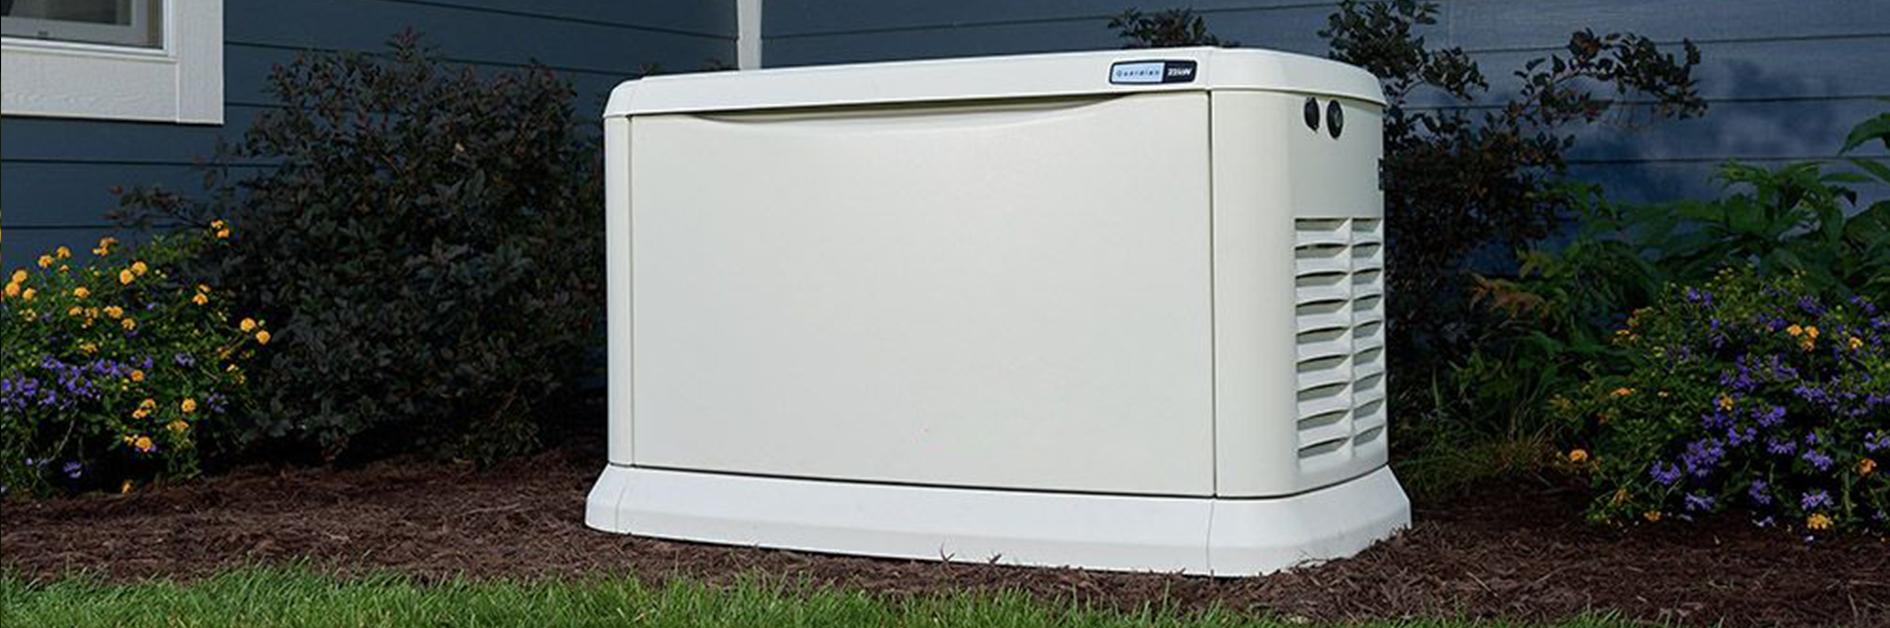 Consejos útiles para prolongar la vida de un generador eléctrico